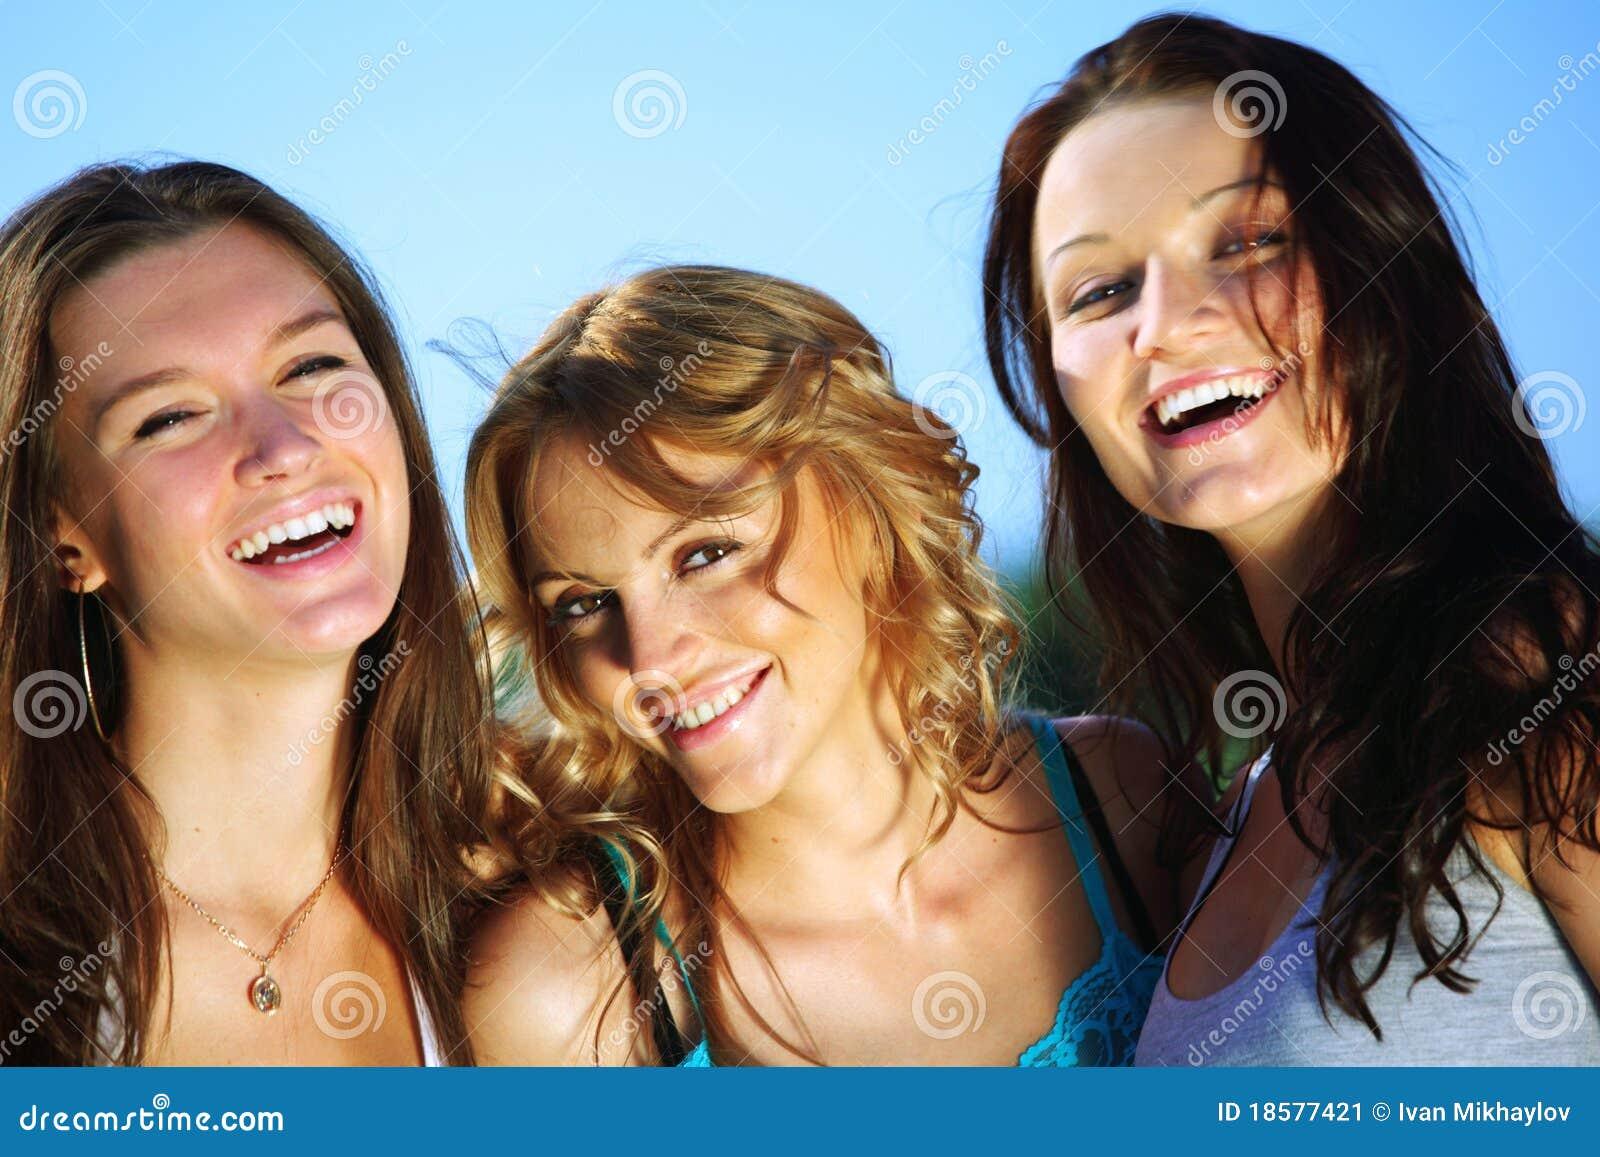 Фото веселые подружки 1 фотография